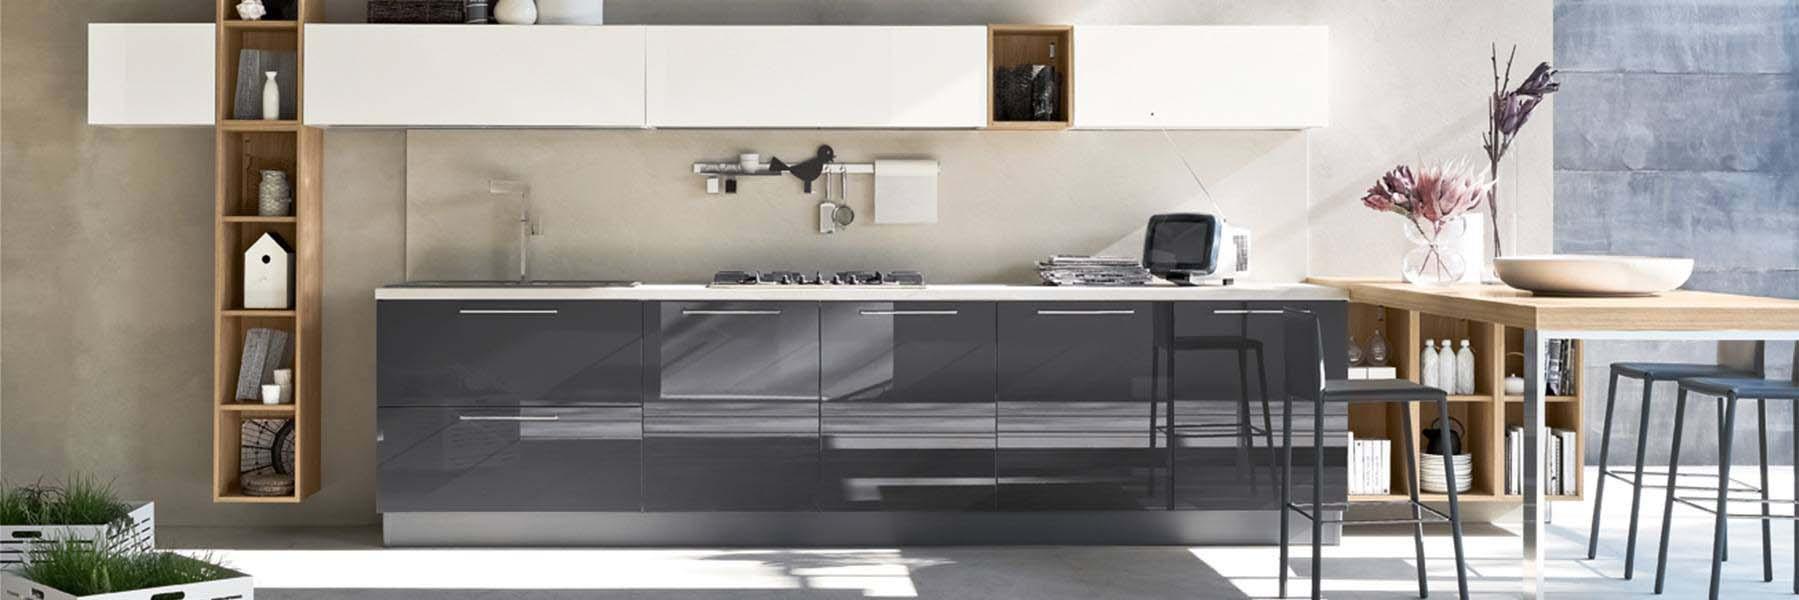 Sydney kitchens